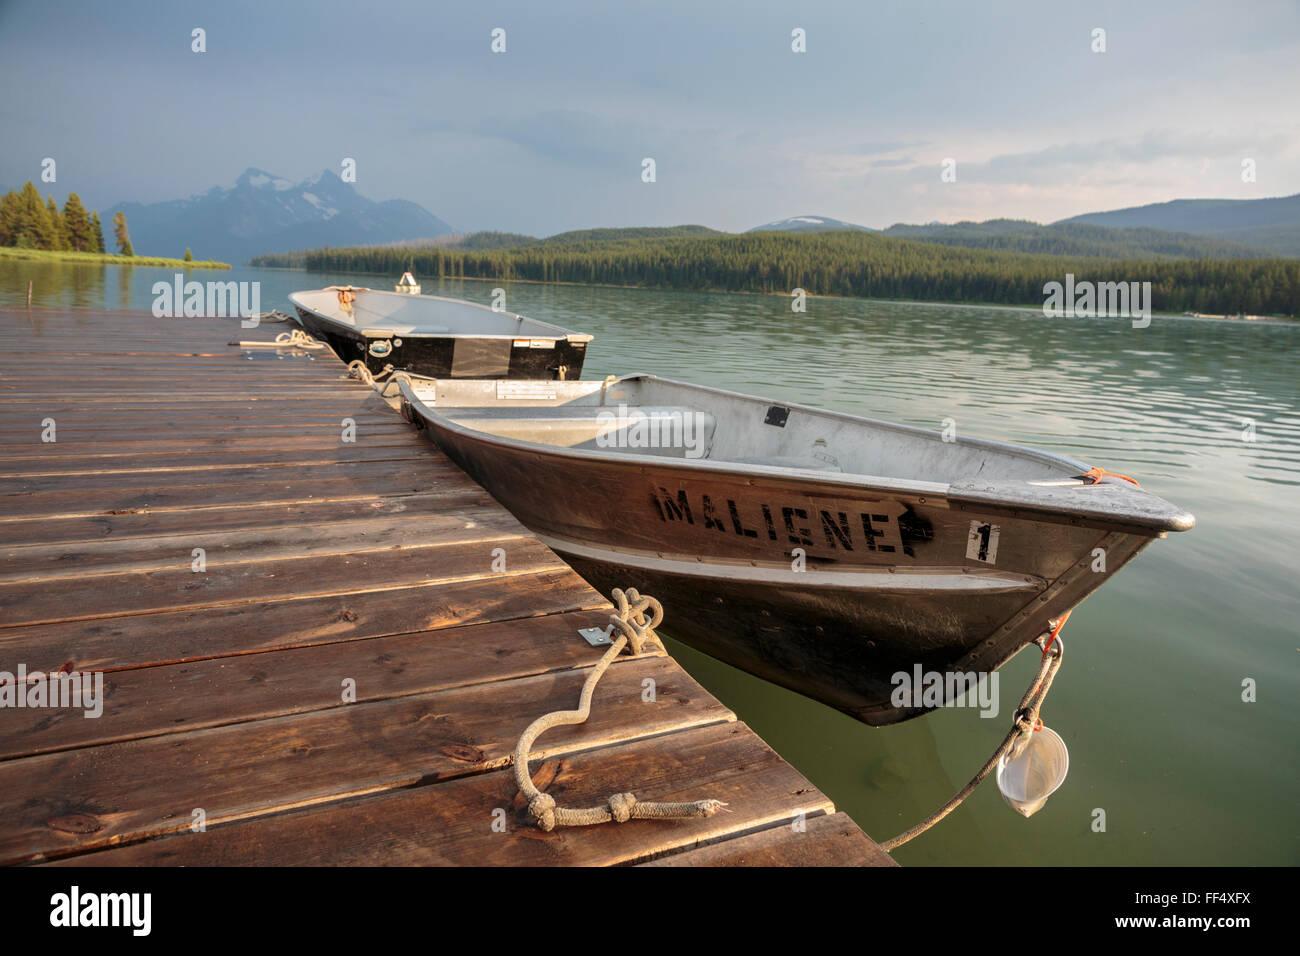 Abendlicht über Jasper National Park Maligne Lake und Boote zum Mieten zur Verfügung am historischen Curly Stockbild